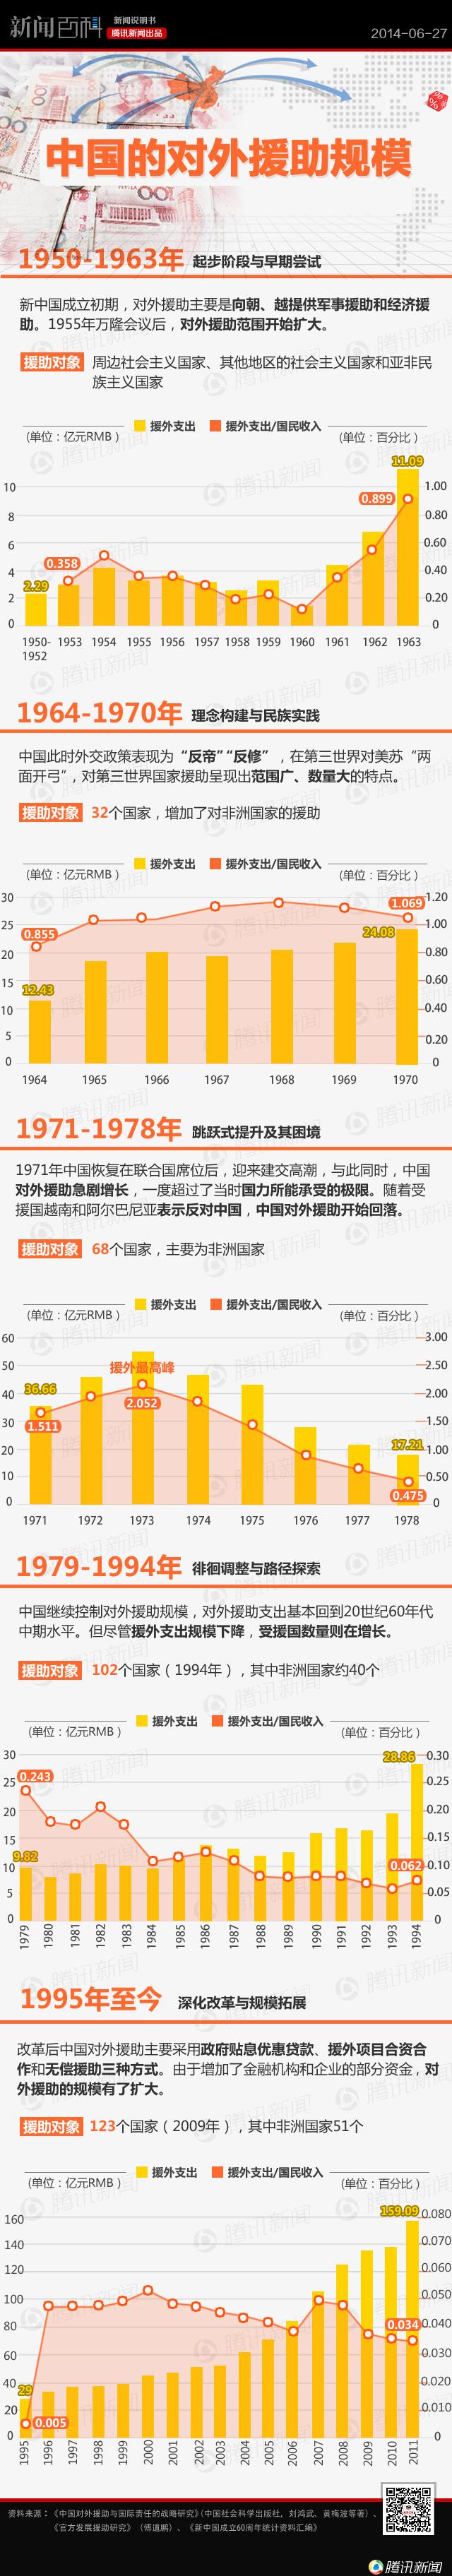 【看图说话】中国历年对外援助规模有多大? - 冰冰-心雨